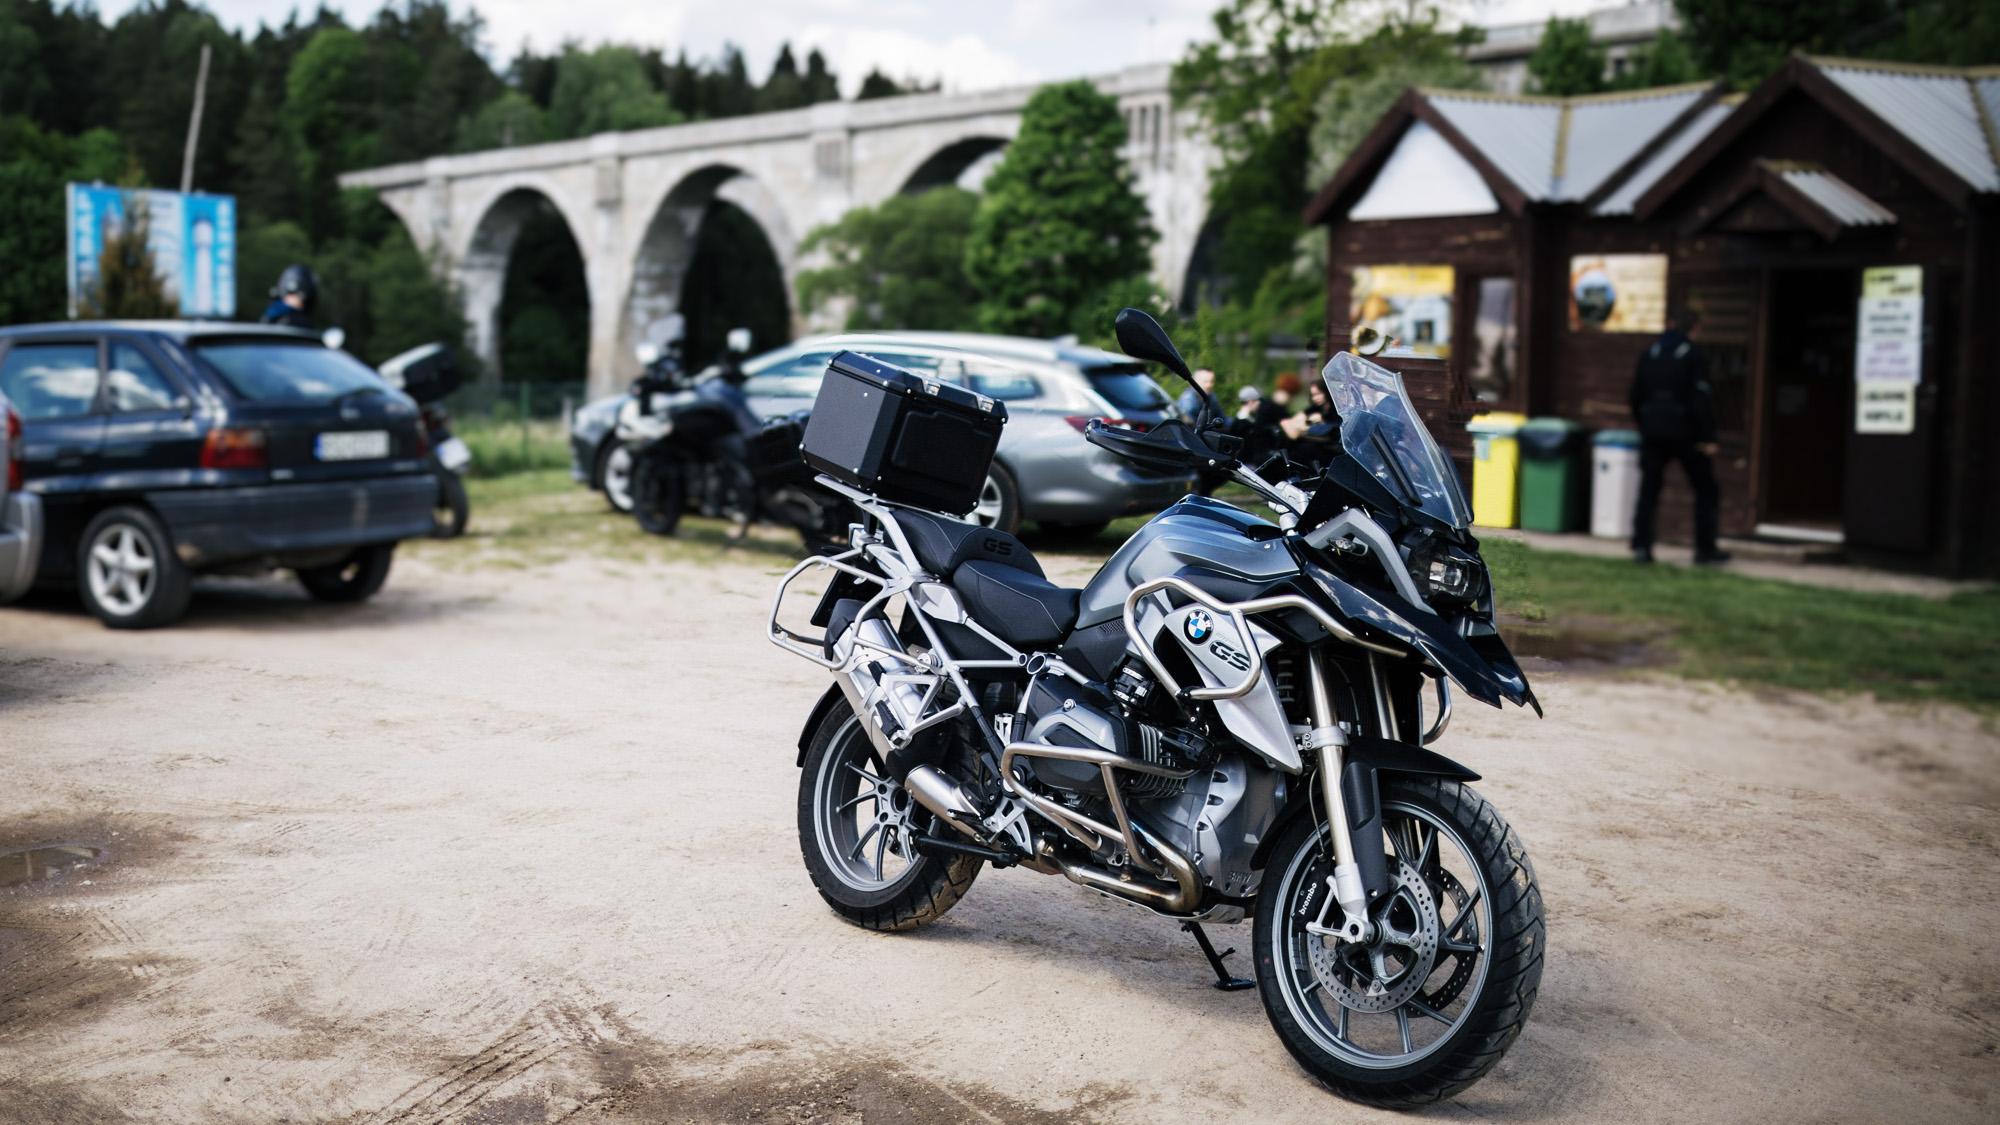 Podlasie Motocyklami. Suwalszczyzna | 2021